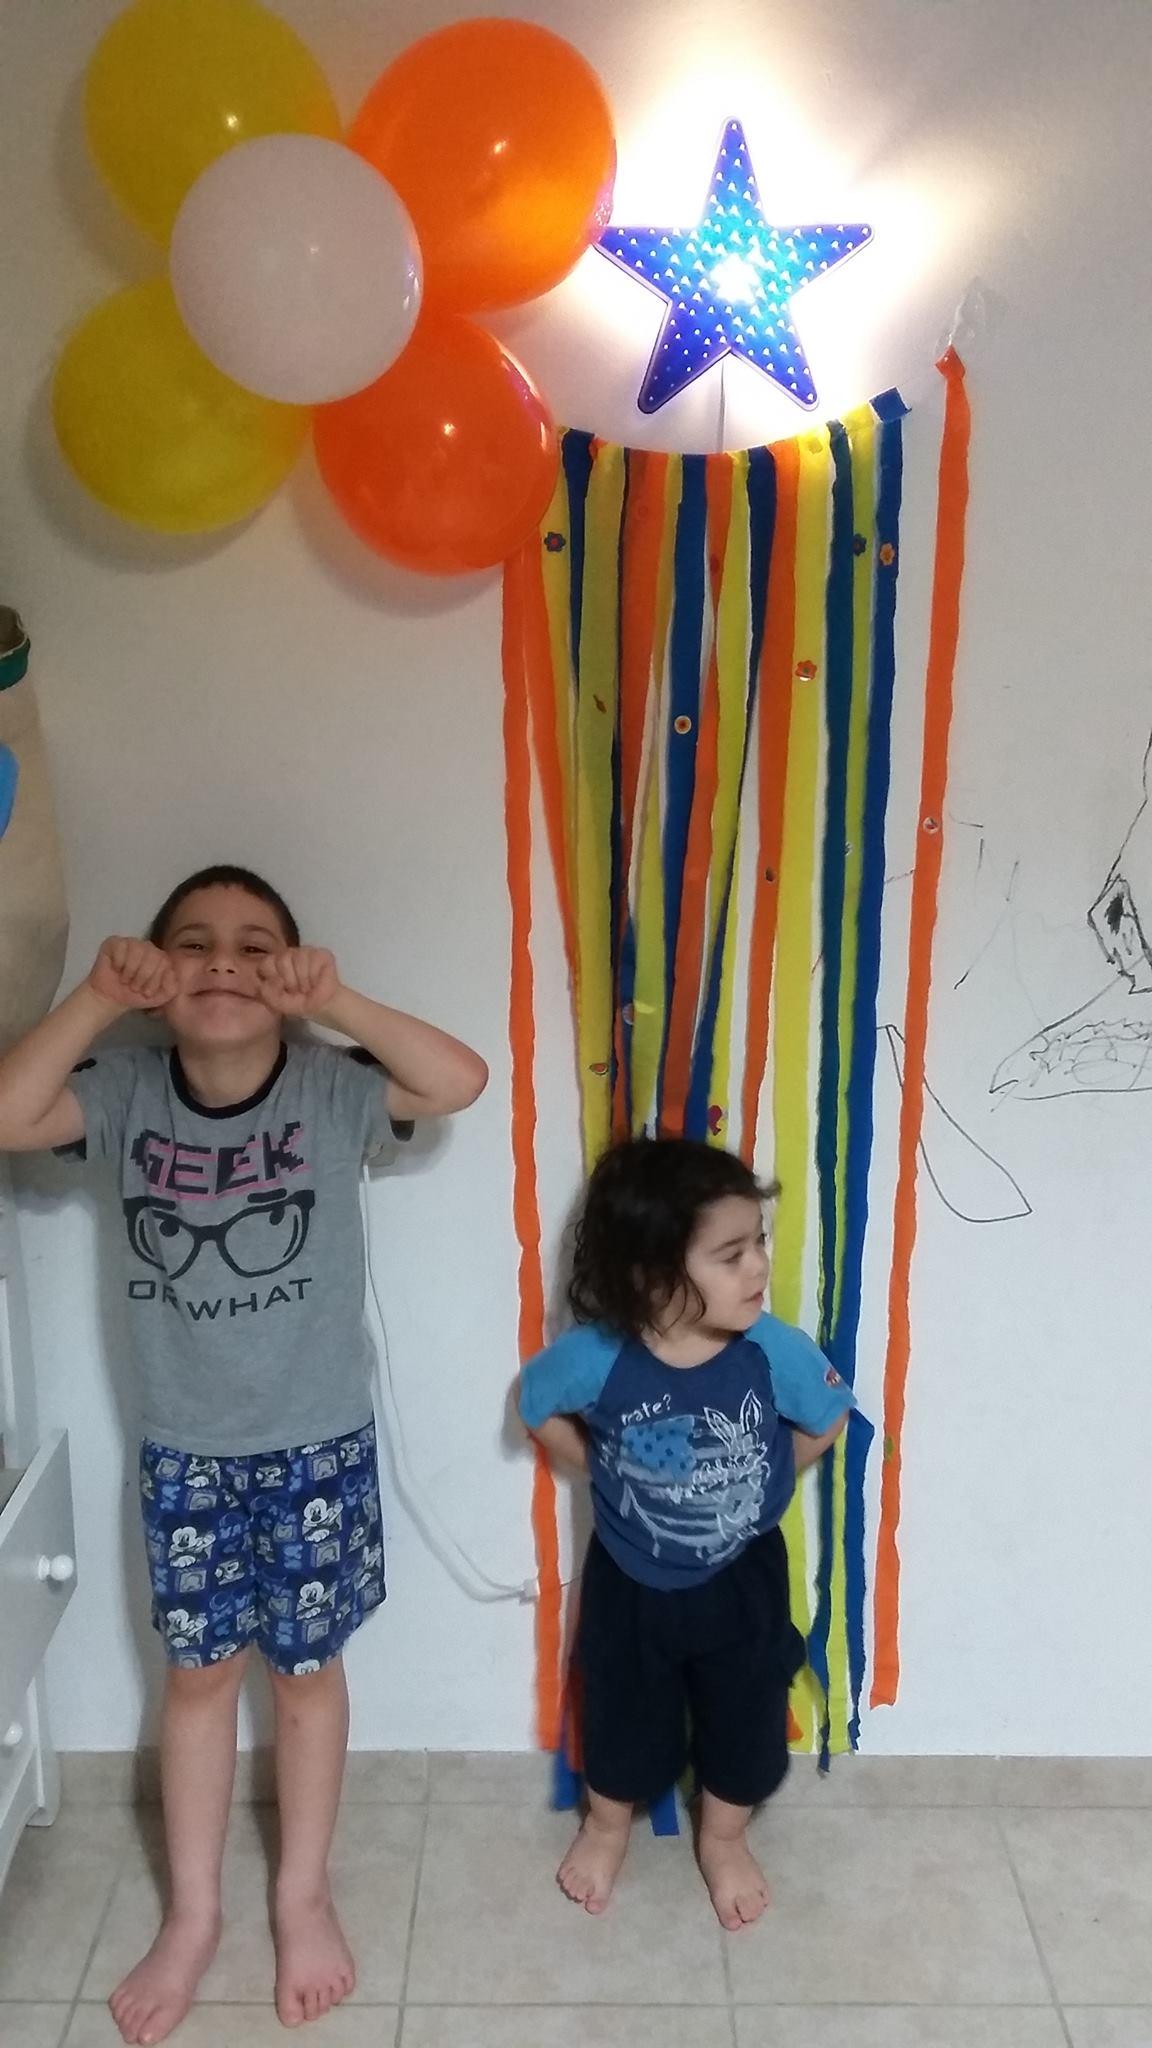 בלוני צורות פעילויות לילדים בבית קיטנת החופש הגדול